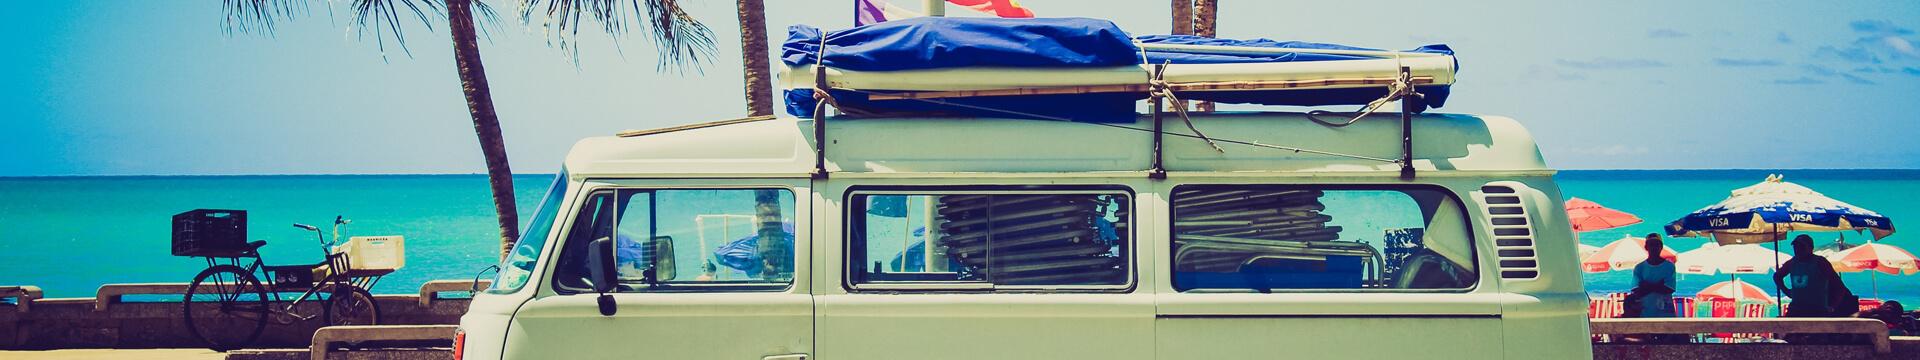 Abstellplätze für Wohnmobile | AdriaCamps